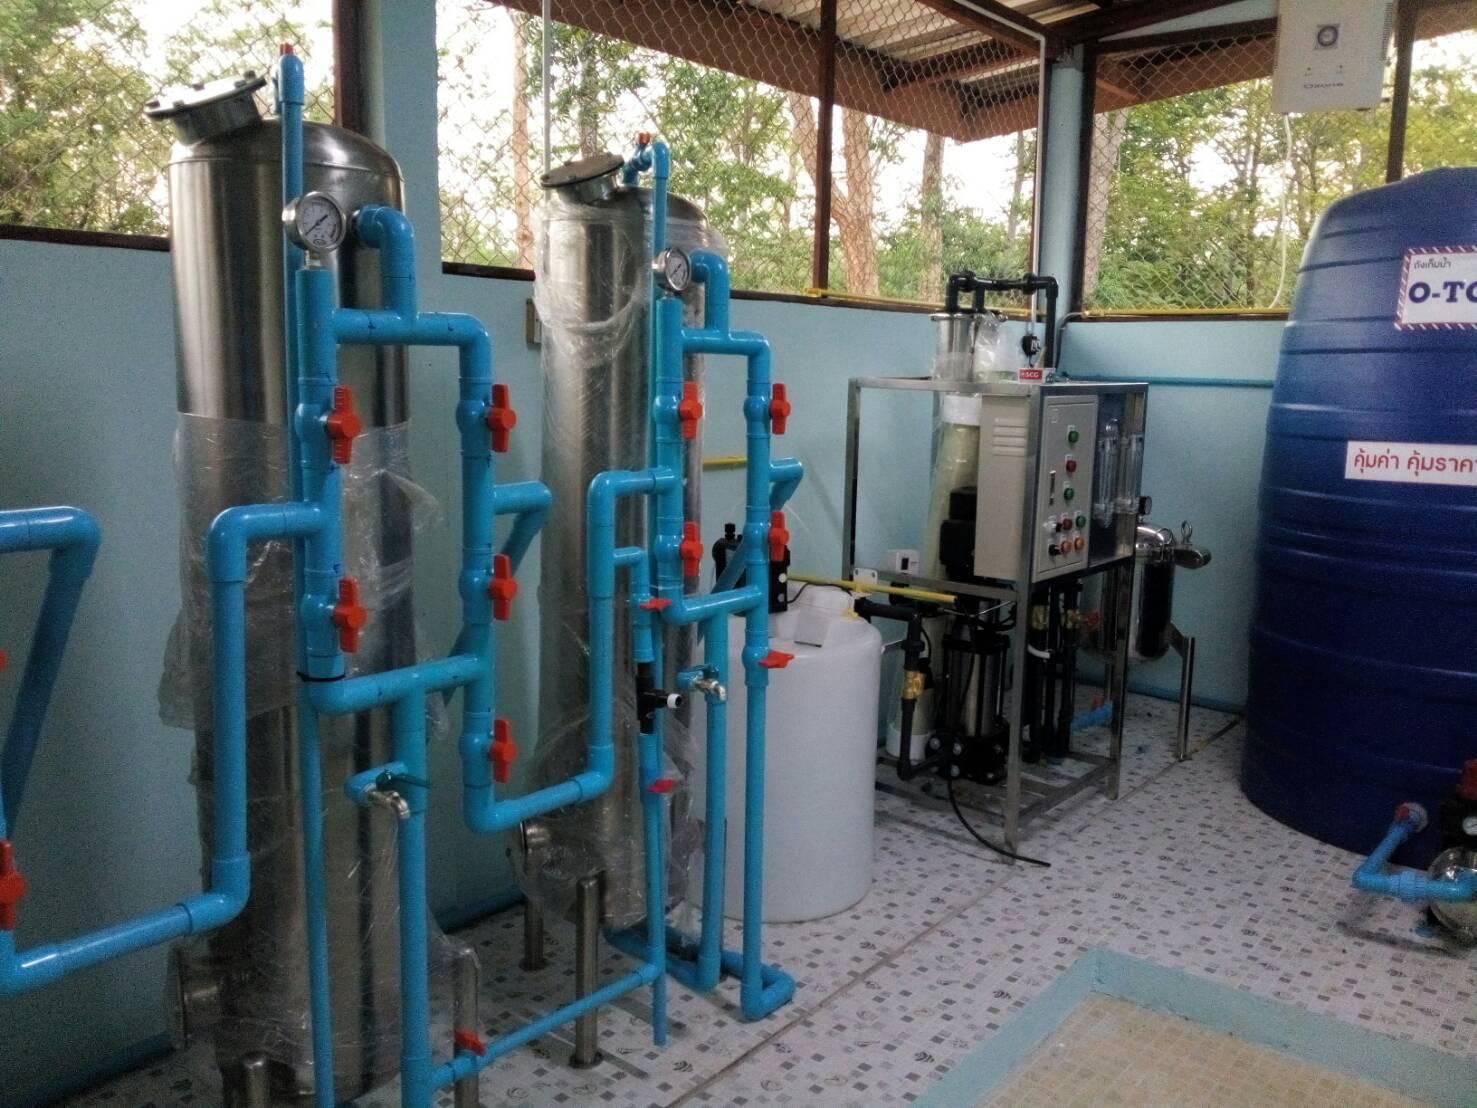 รับติดตั้งโรงงานน้ำดื่มบรรจุขวด 3,000 ลิตร/วัน